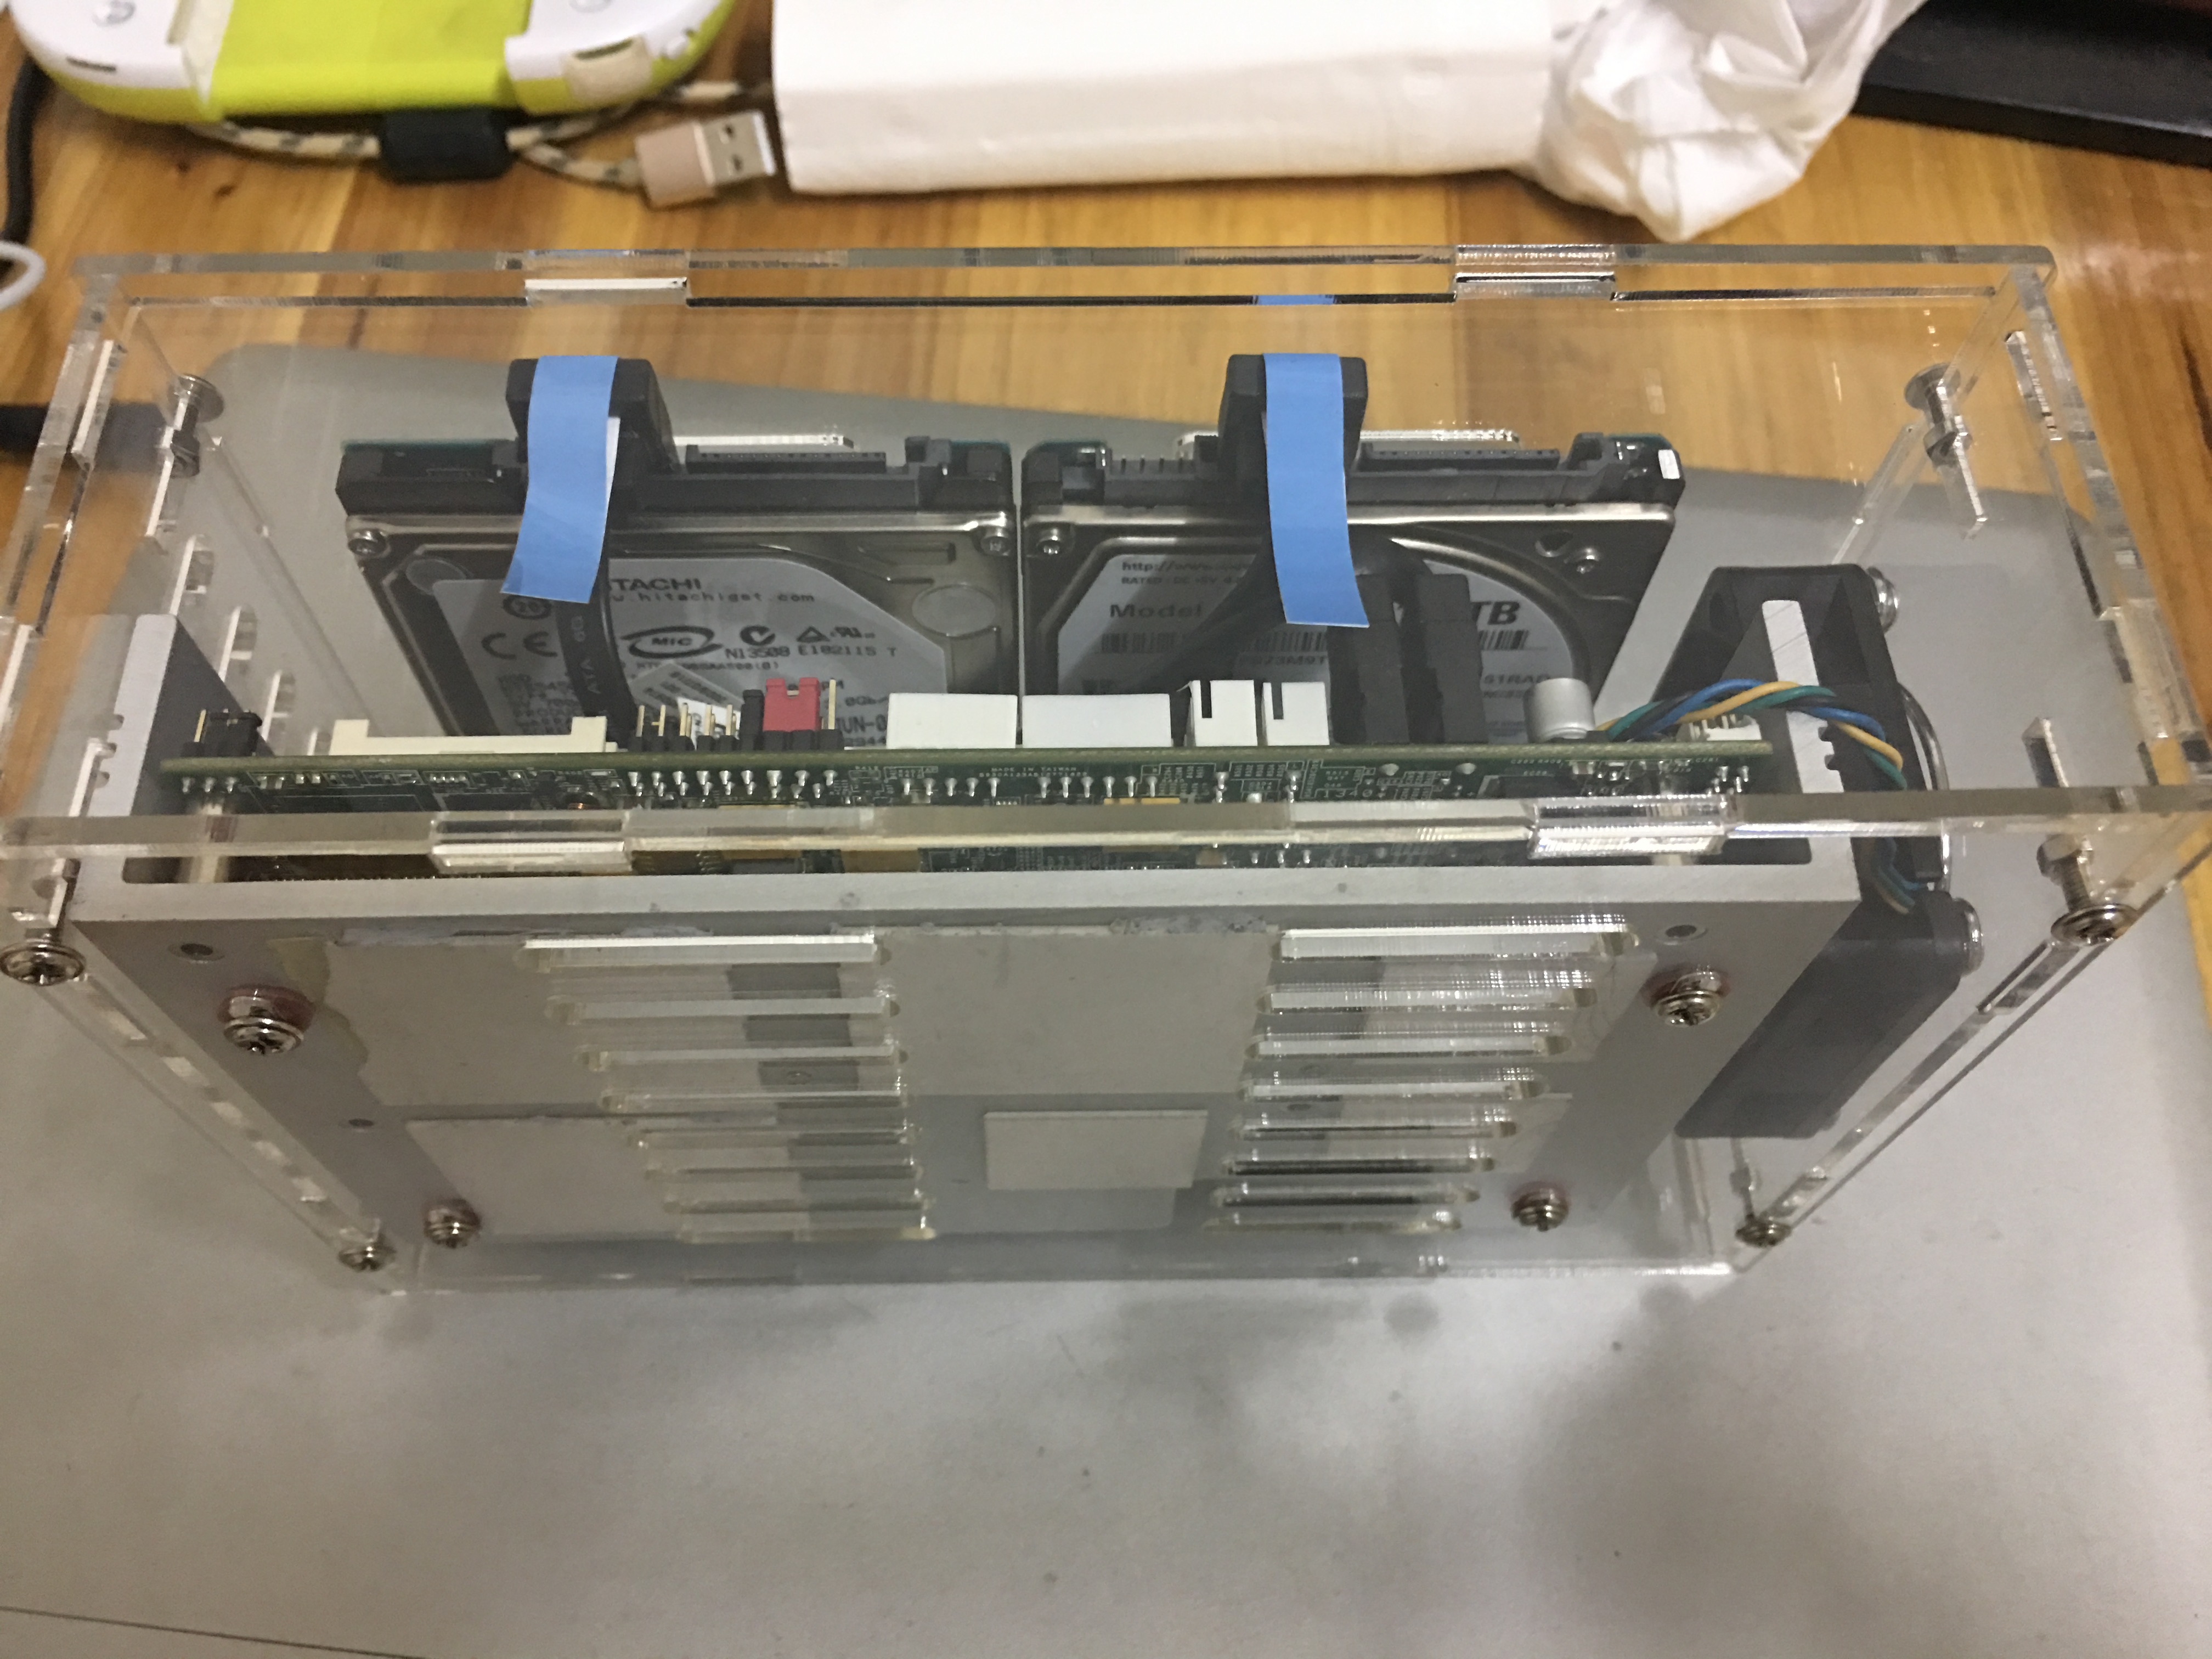 DIY2盘位黑群晖2.5寸硬盘亚克力外壳D525 12V供电,巴掌大